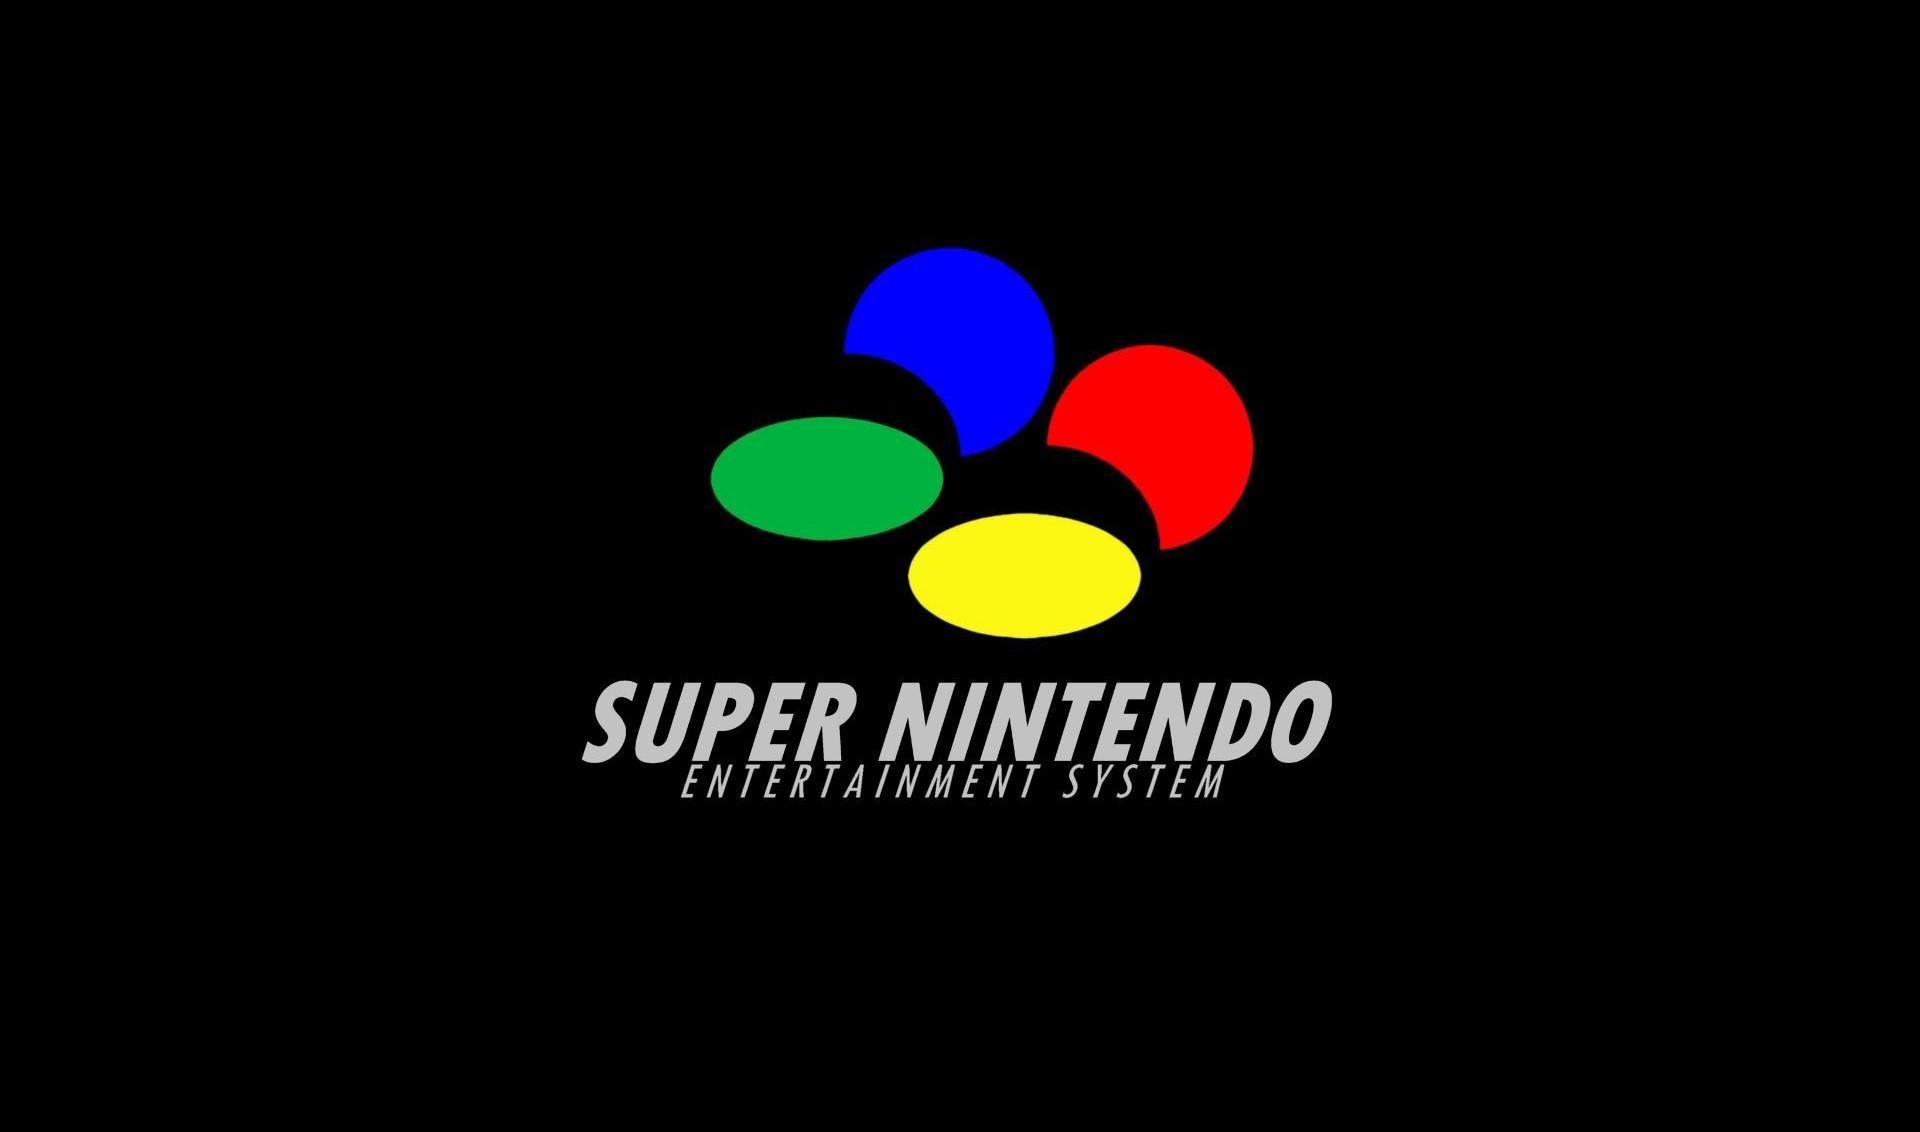 Juegos de Super Nintendo saldrán para el nuevo Nintendo 3DS